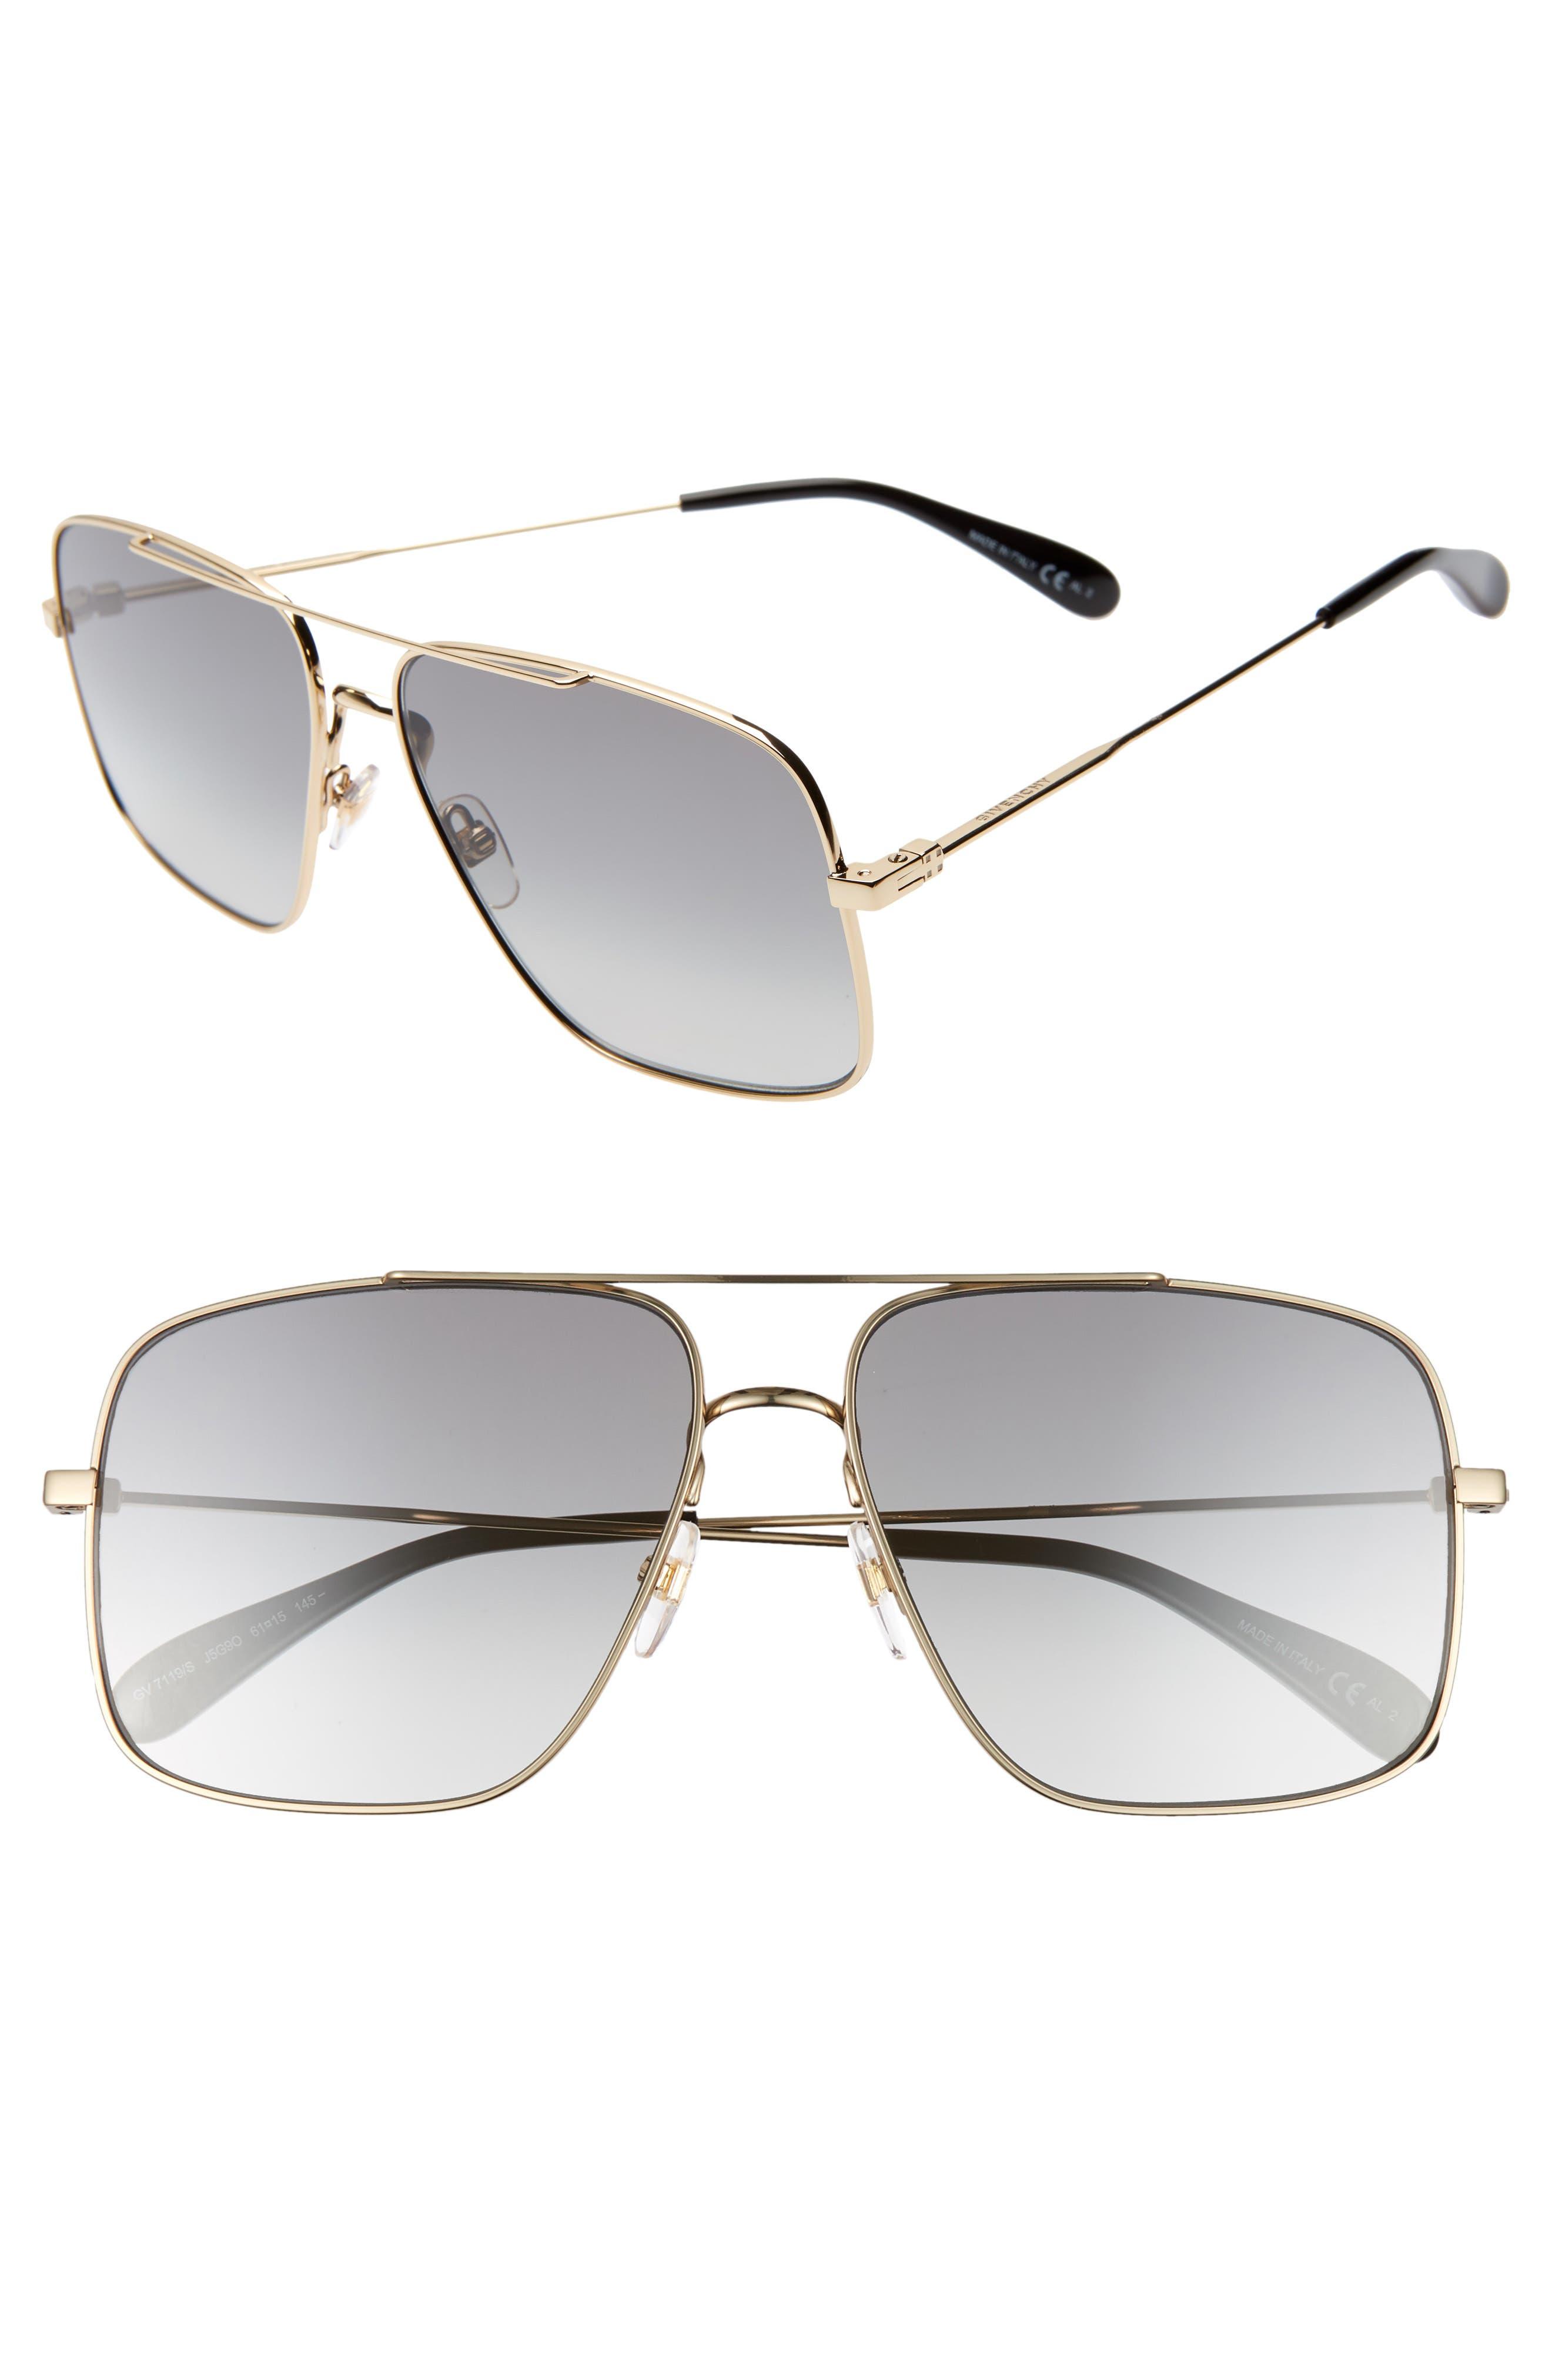 61mm Navigator Sunglasses,                             Main thumbnail 1, color,                             GOLD/ GREY